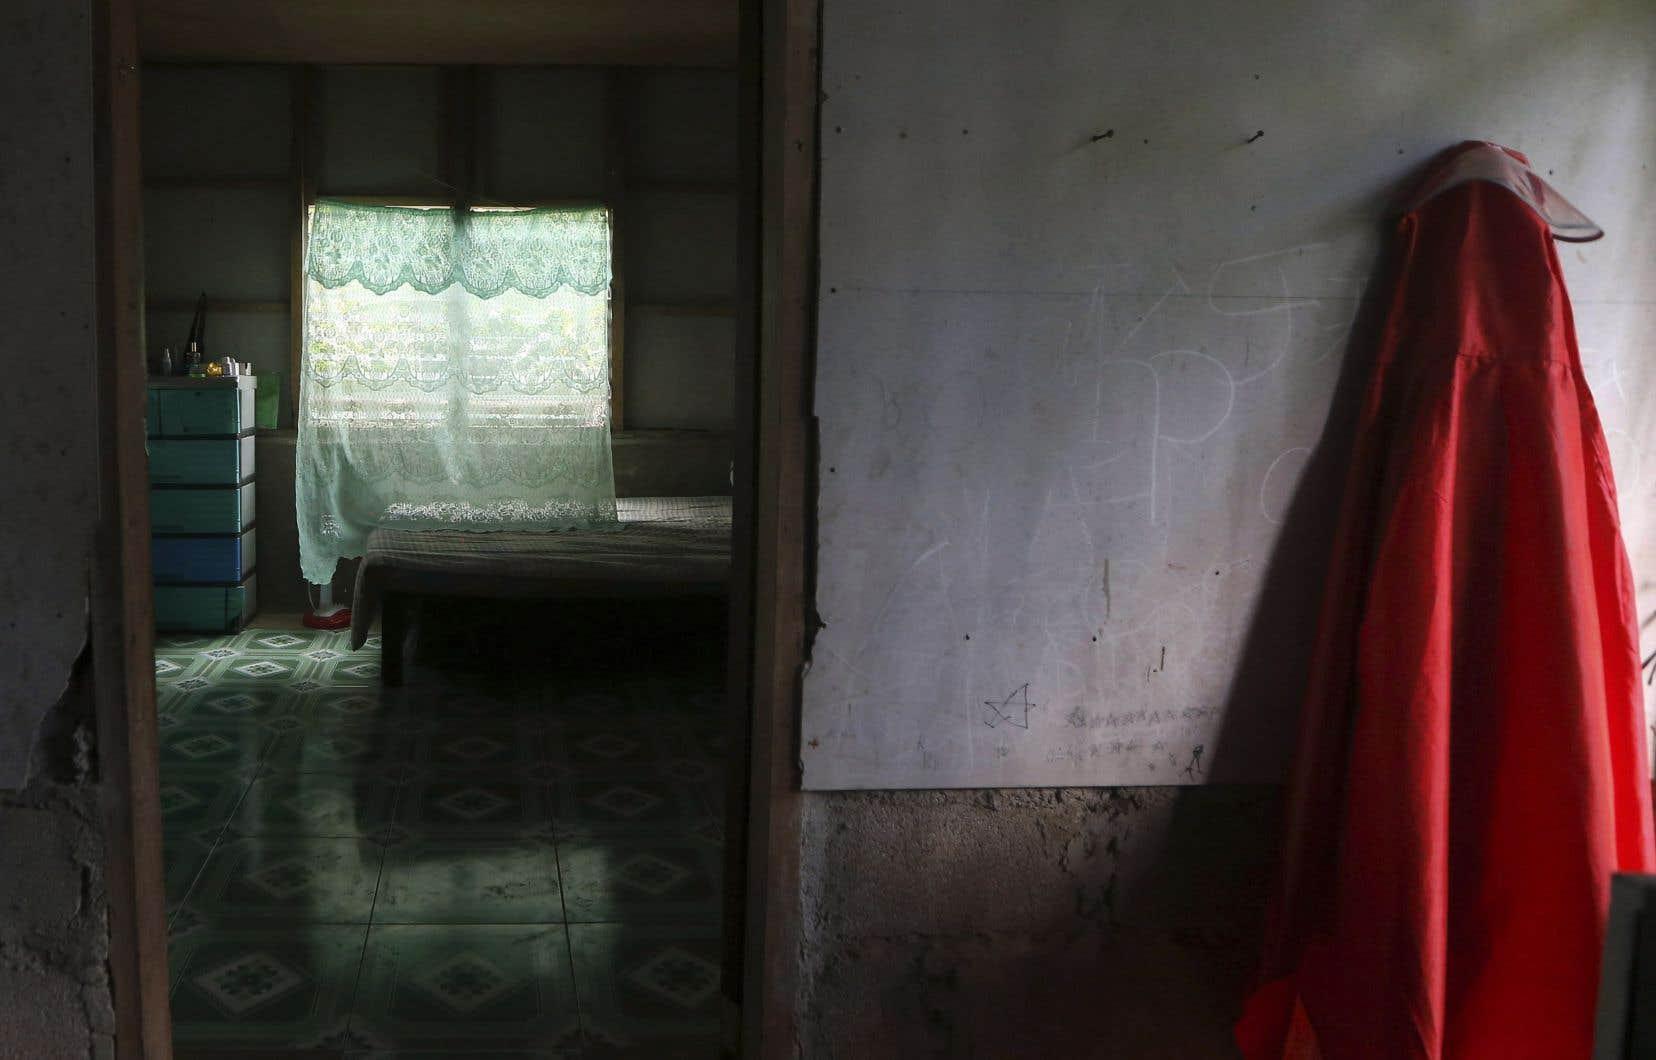 Une enquête d'un an a révélé que 163 prêtres ou autres membres du clergé de quatre diocèses étaient accusés d'agressions sexuelles, viols ou comportements inappropriés sur des mineurs.